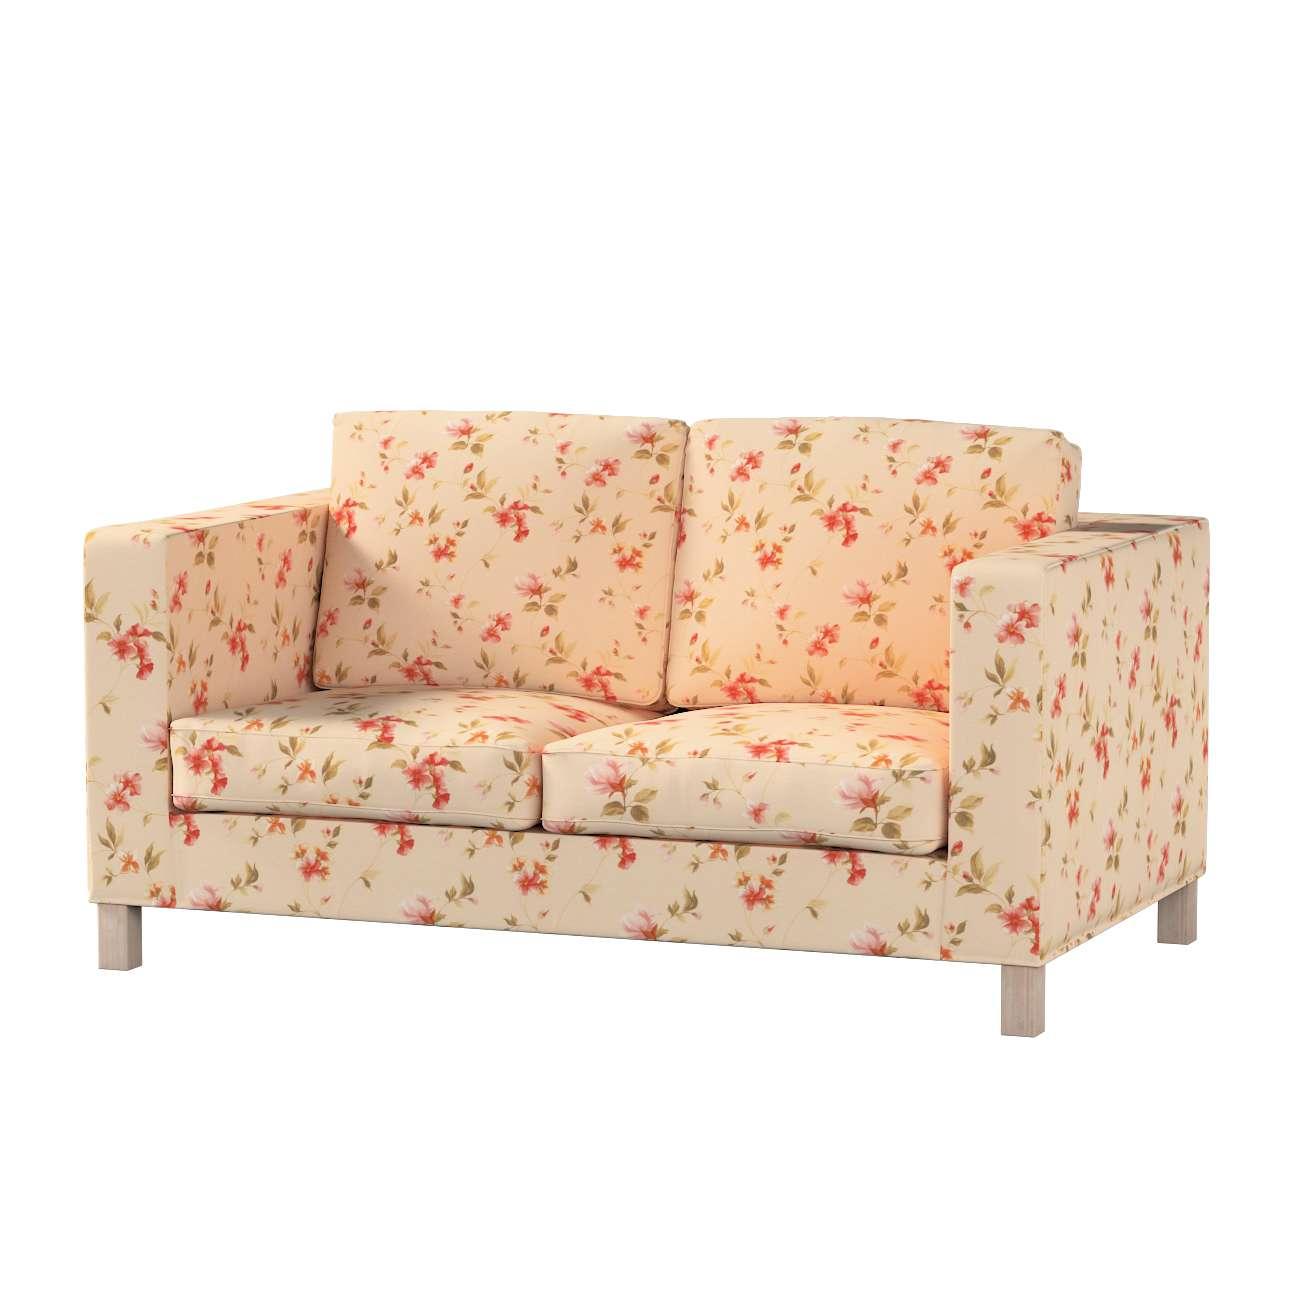 Pokrowiec na sofę Karlanda 2-osobową nierozkładaną, krótki Sofa Karlanda 2-os w kolekcji Londres, tkanina: 124-05